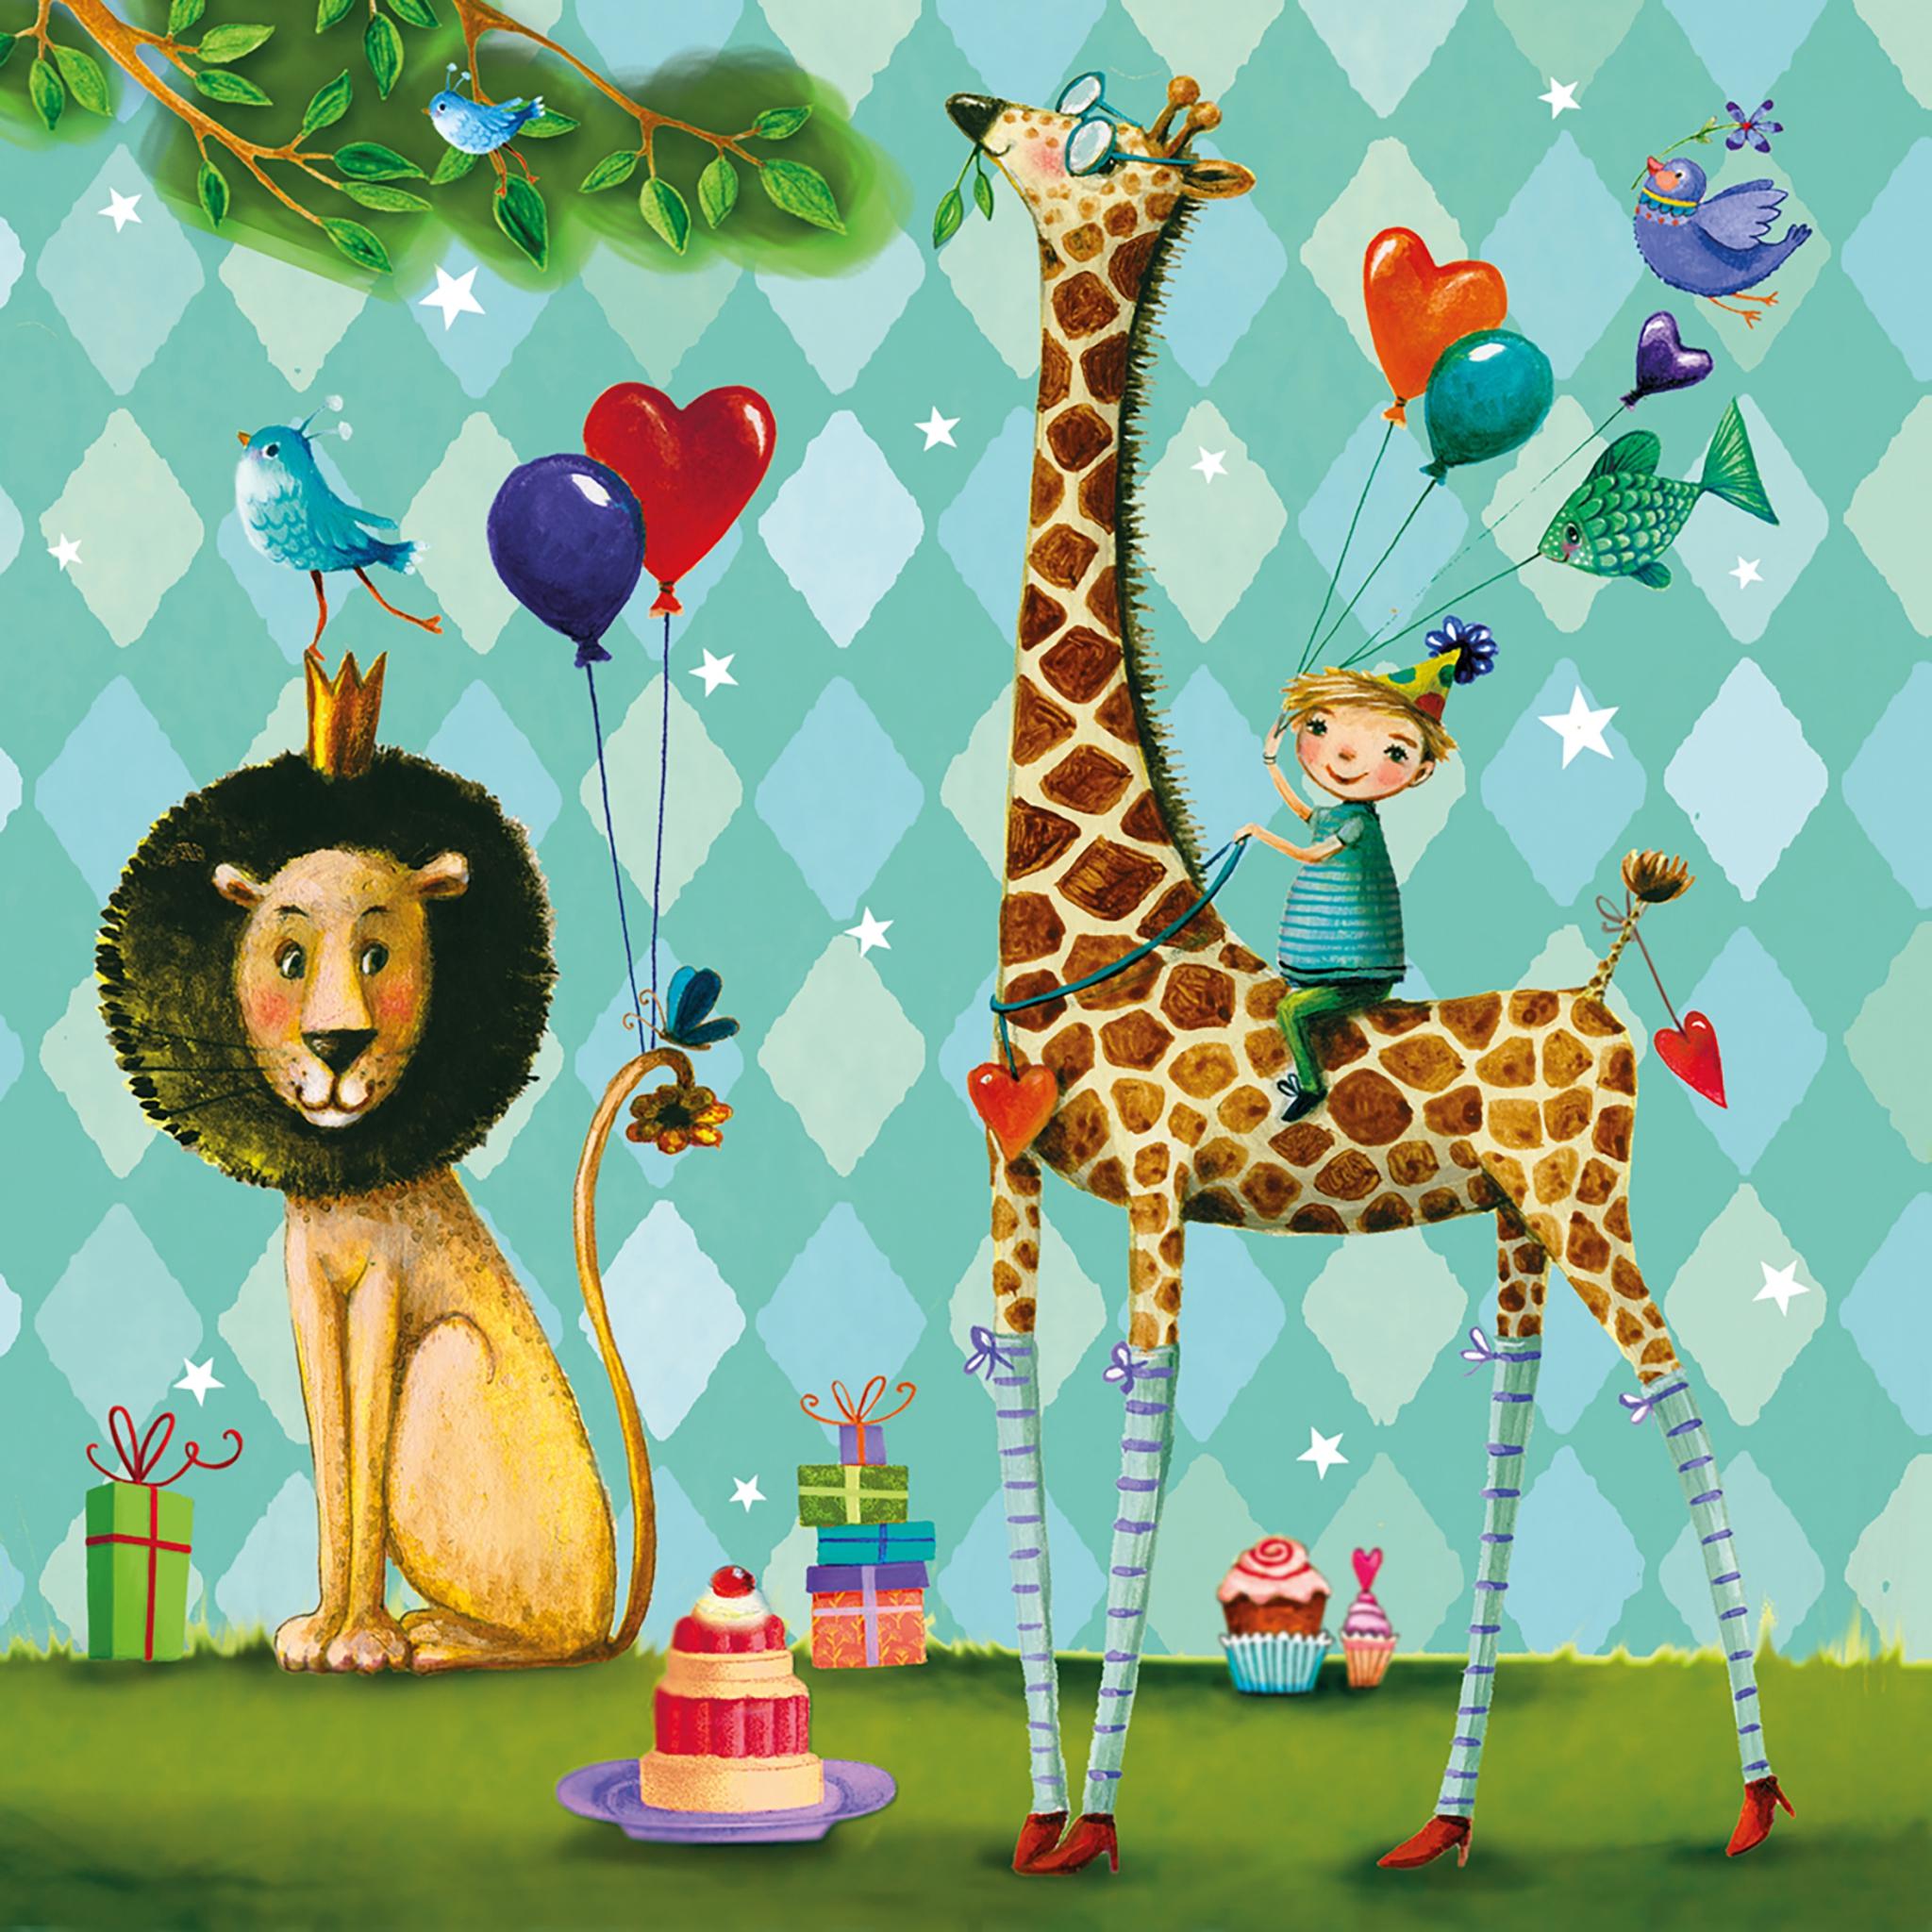 Lunch Servietten Animals Garden,  Ereignisse - Geburtstag,  Tiere - Löwen,  Tiere - Giraffen,  Everyday,  lunchservietten,  Geburtstag,  Party,  Löwen,  Giraffen